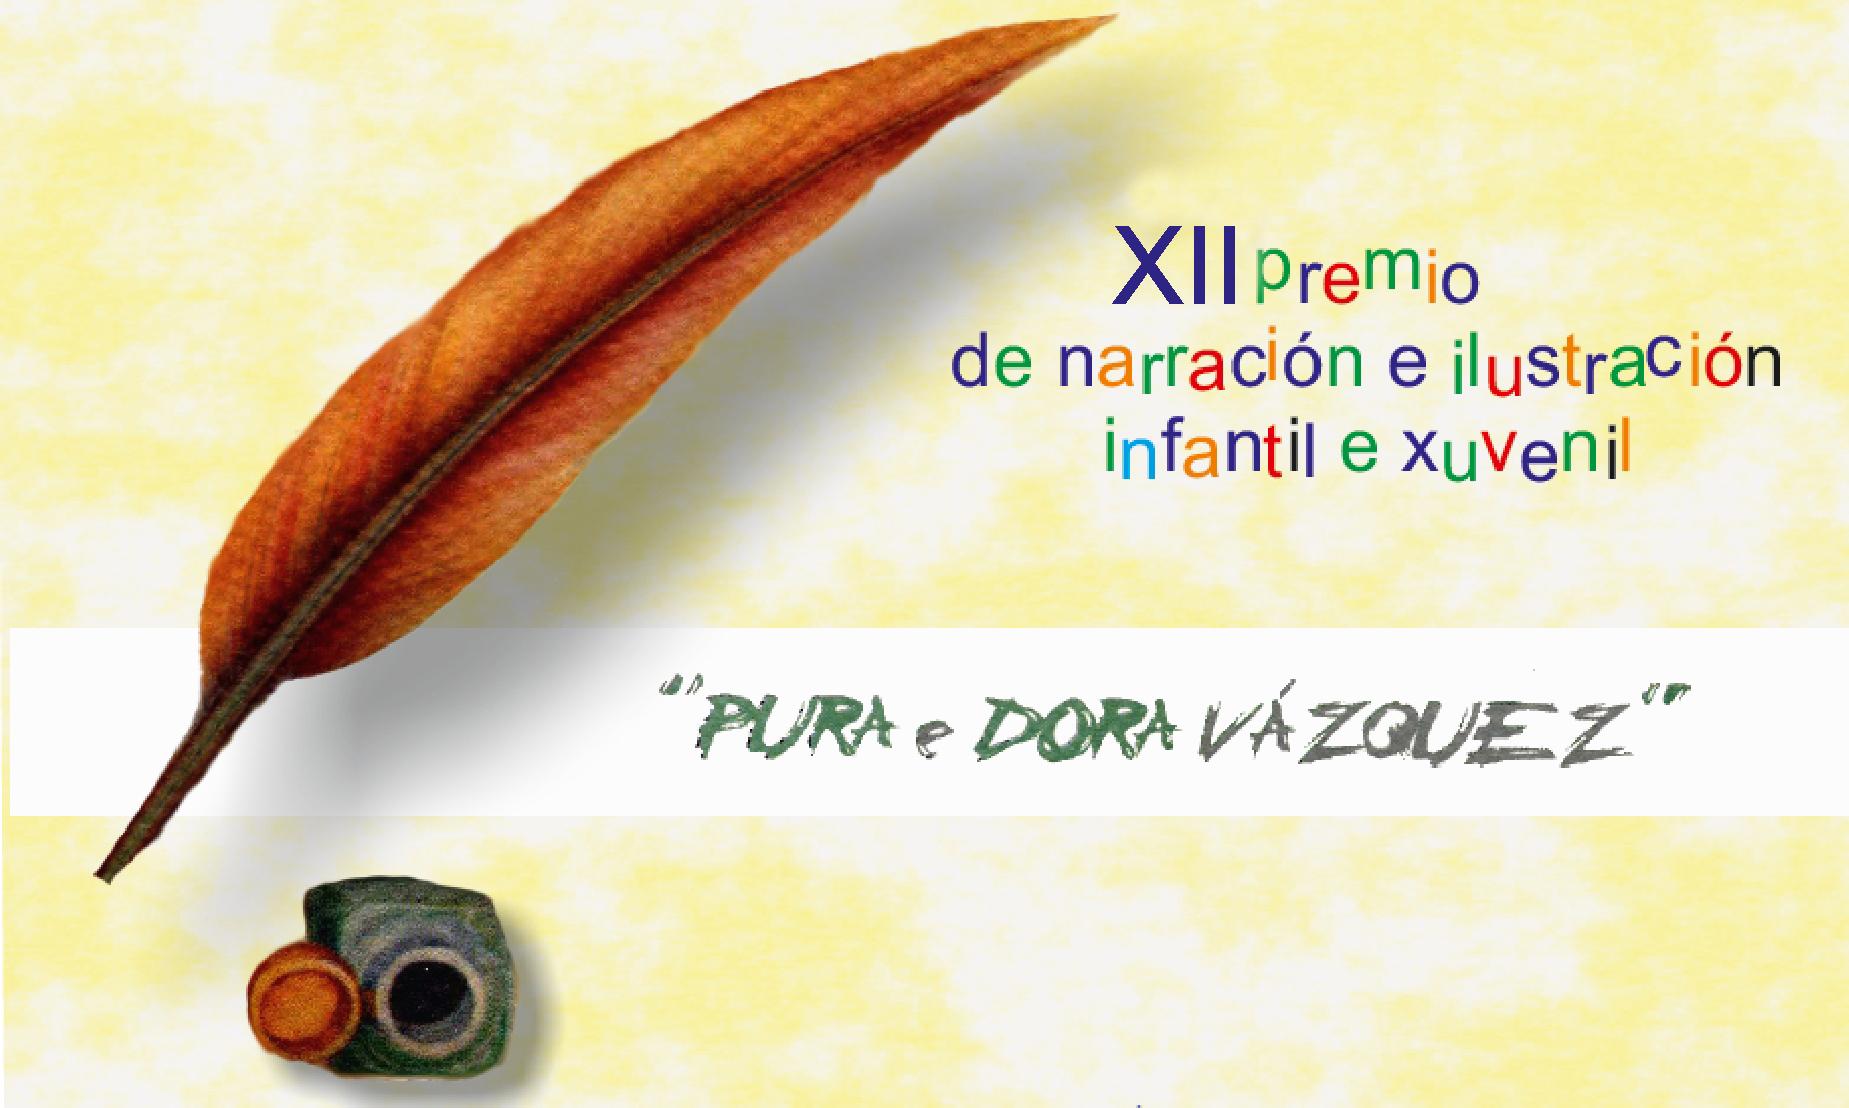 XII Premio Pura e Dora Vázquez